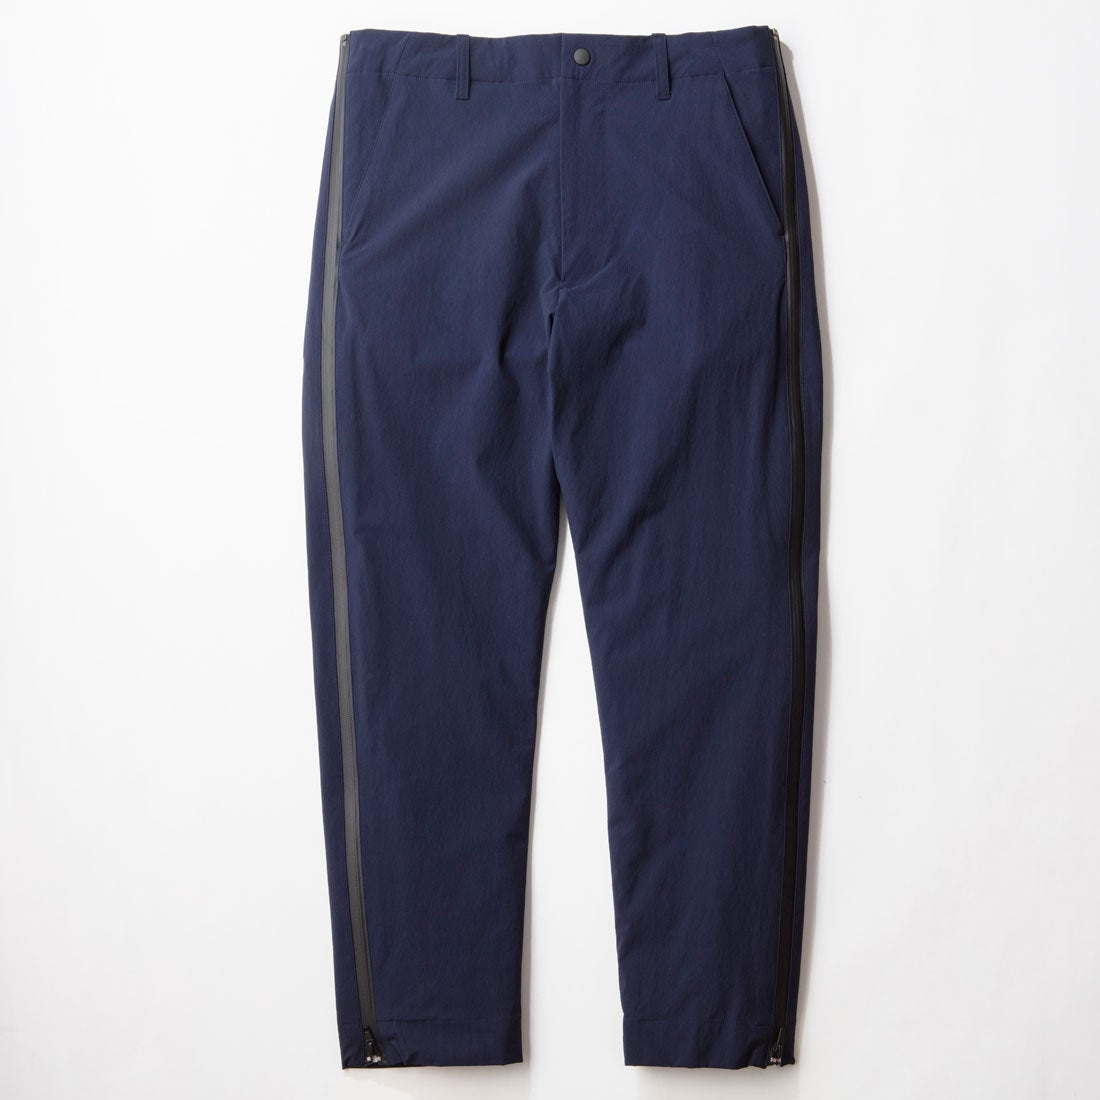 MNT Side Zip Pants